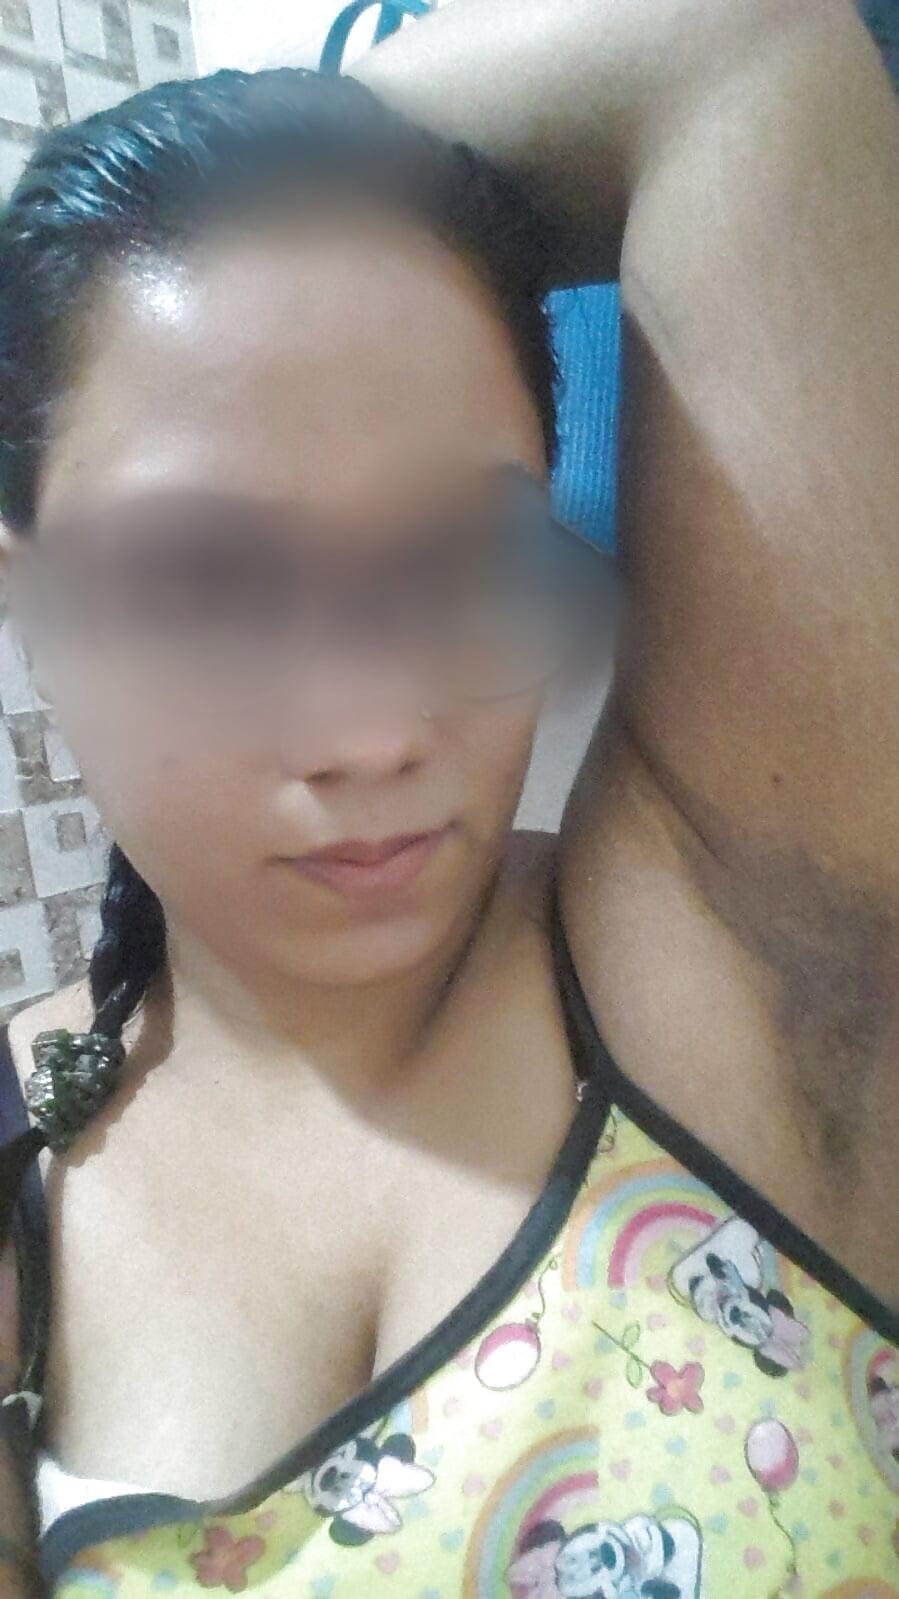 frauen nackt titten- bh asiatische